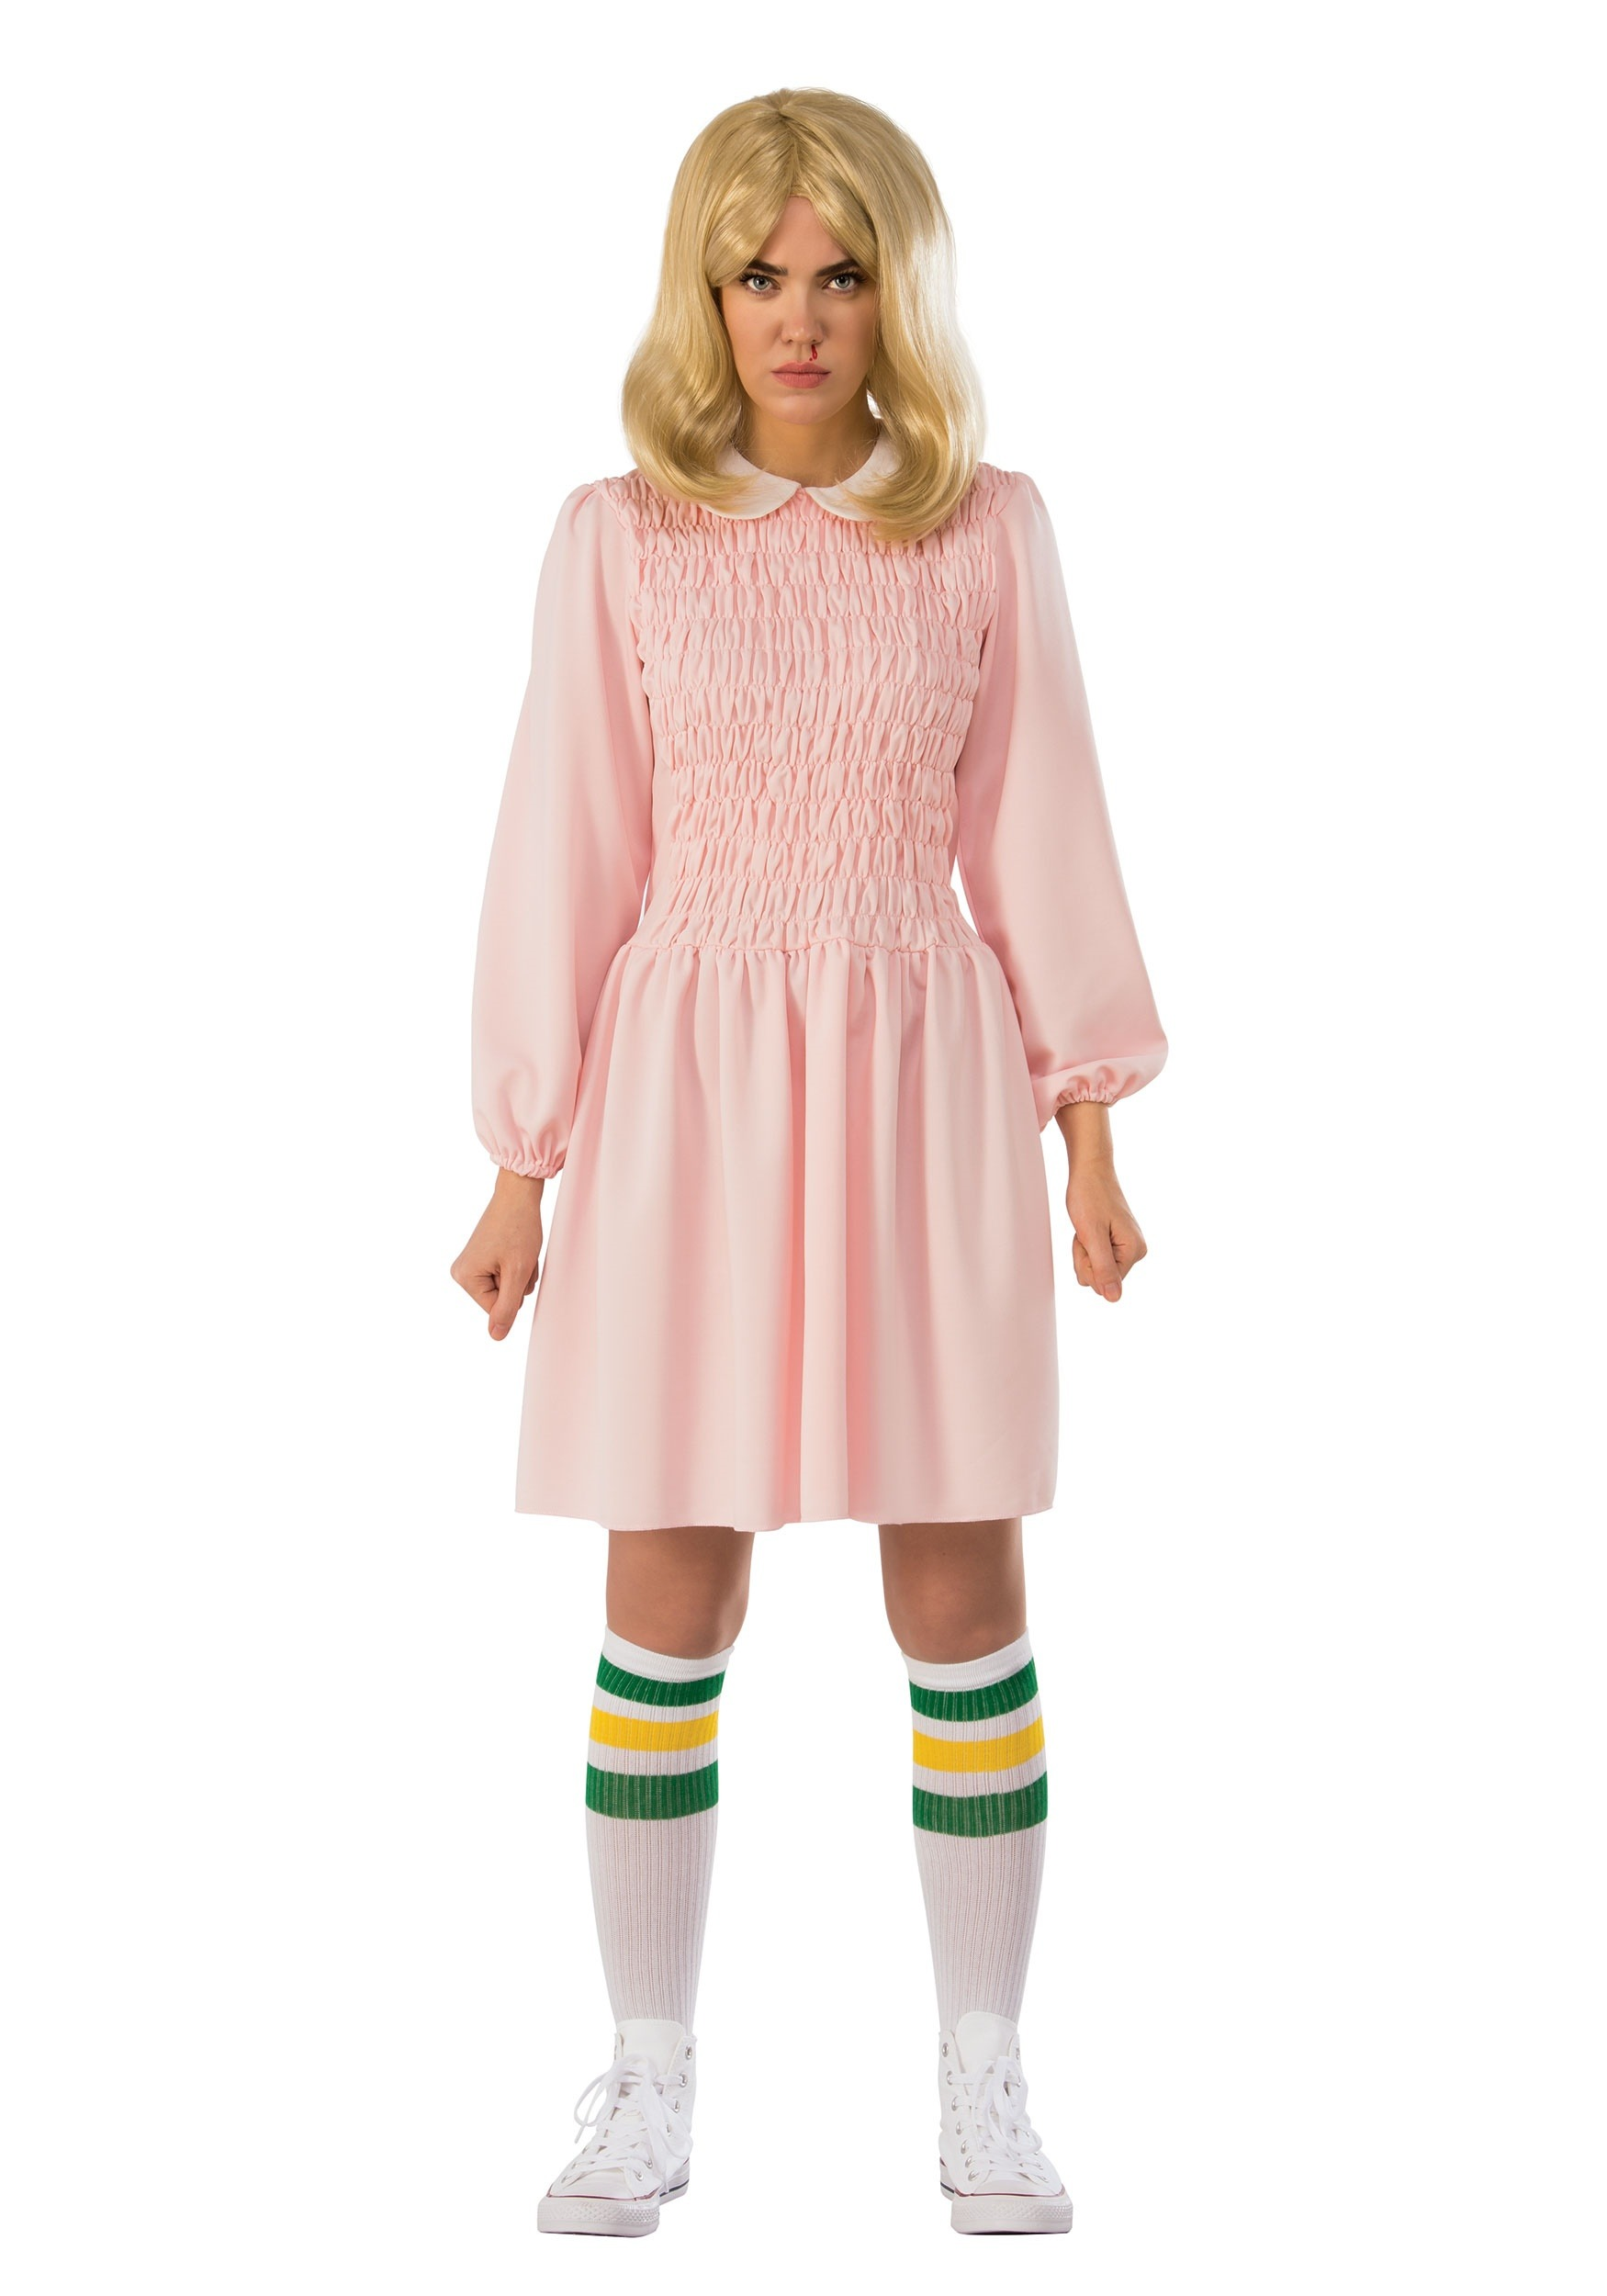 Stranger Things Eleven Dress Costume For Women